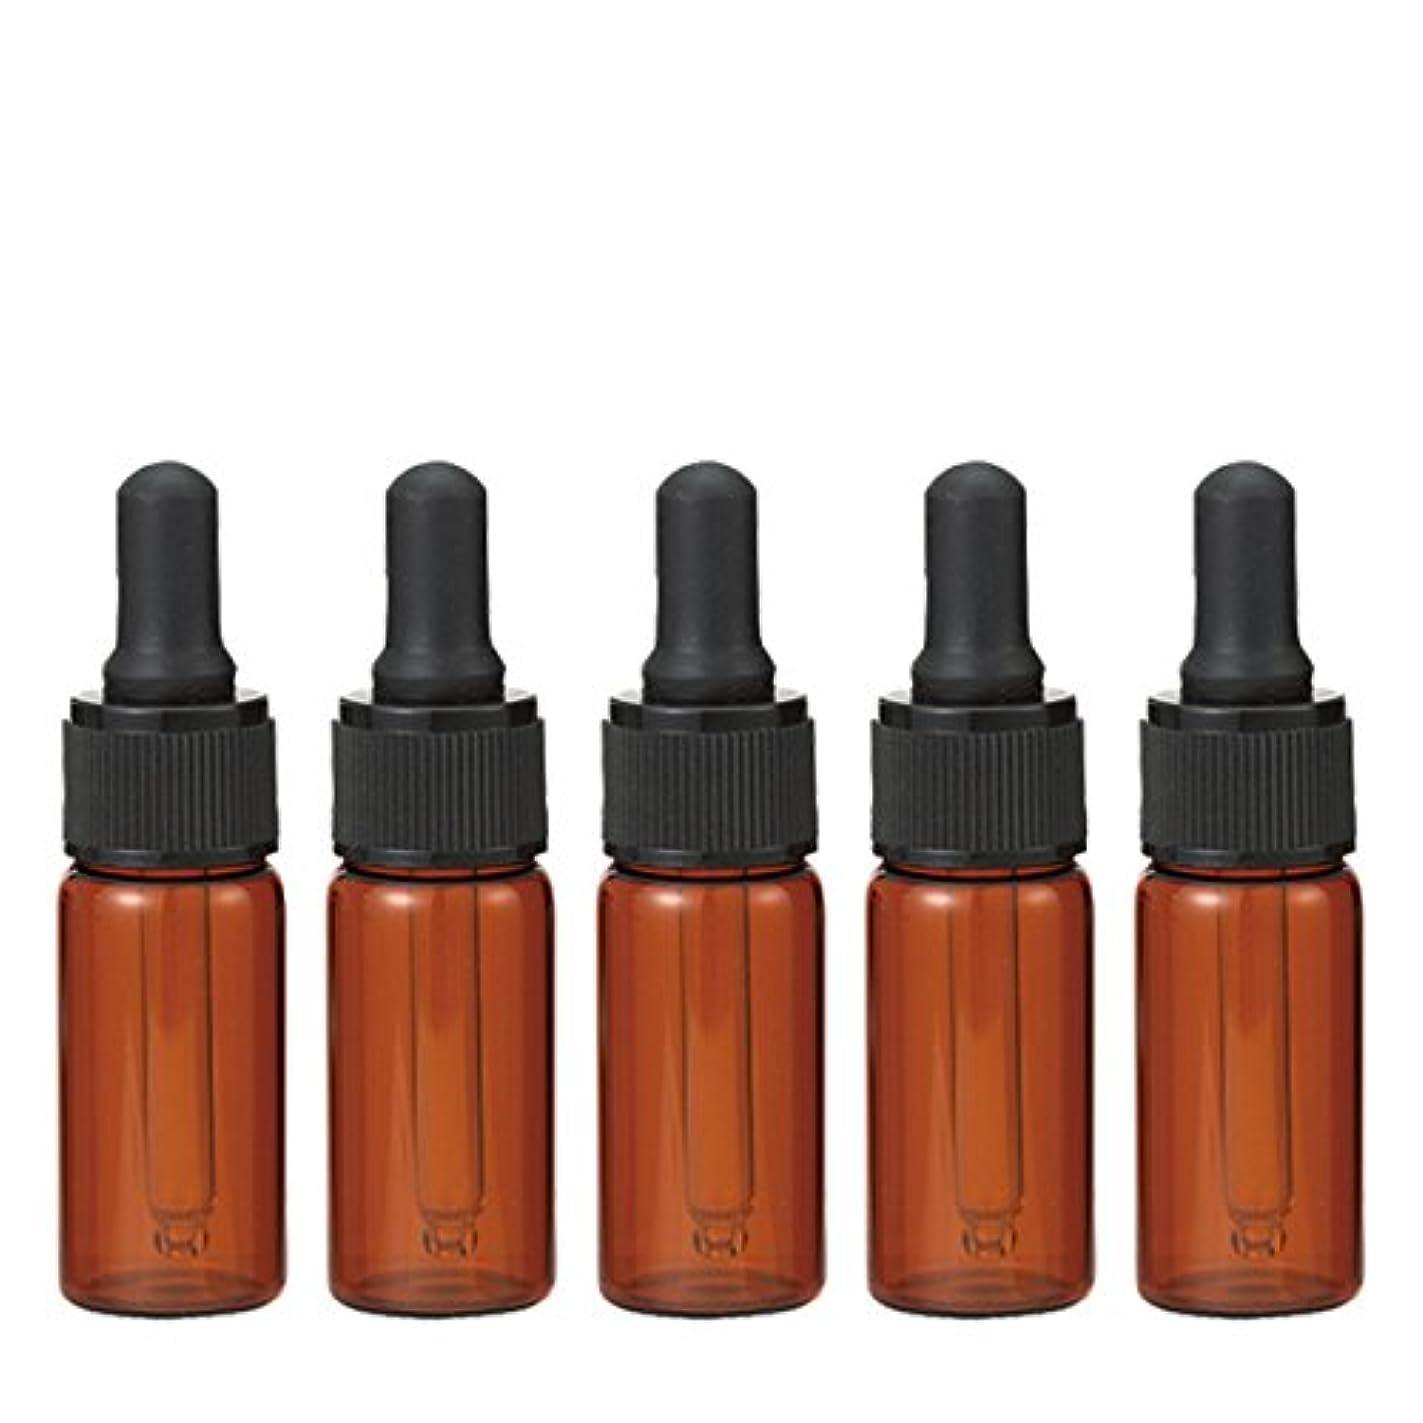 請う悪化させる回復する生活の木 茶色遮光スポイト瓶 10ml (5本セット)